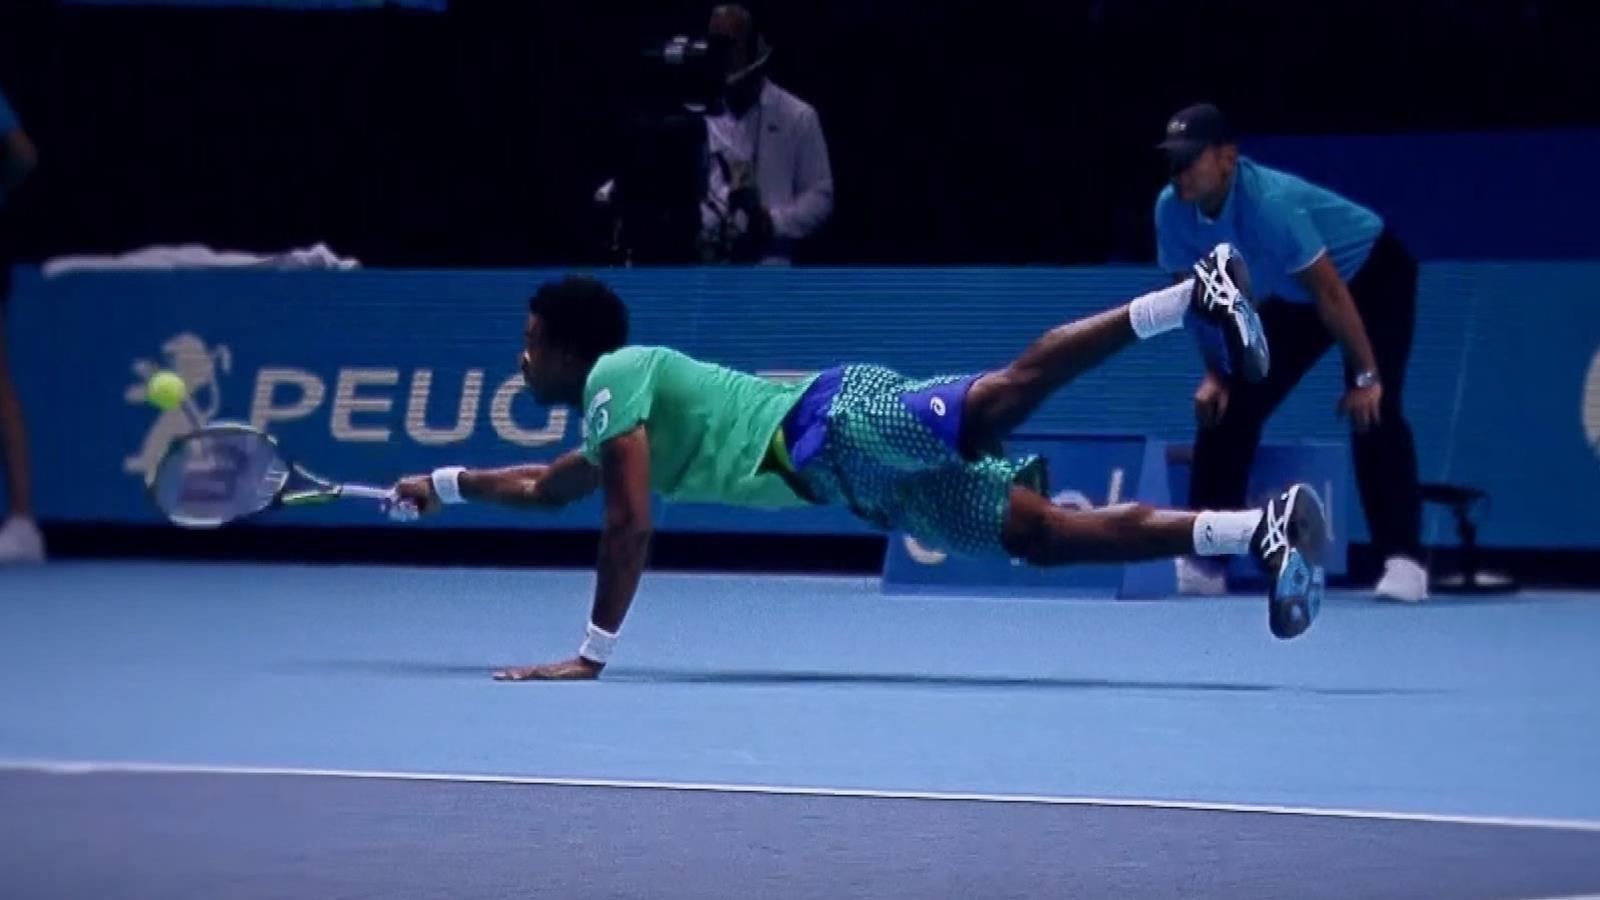 Turín reemplazará a Londres como sede del ATP Finals desde 2021